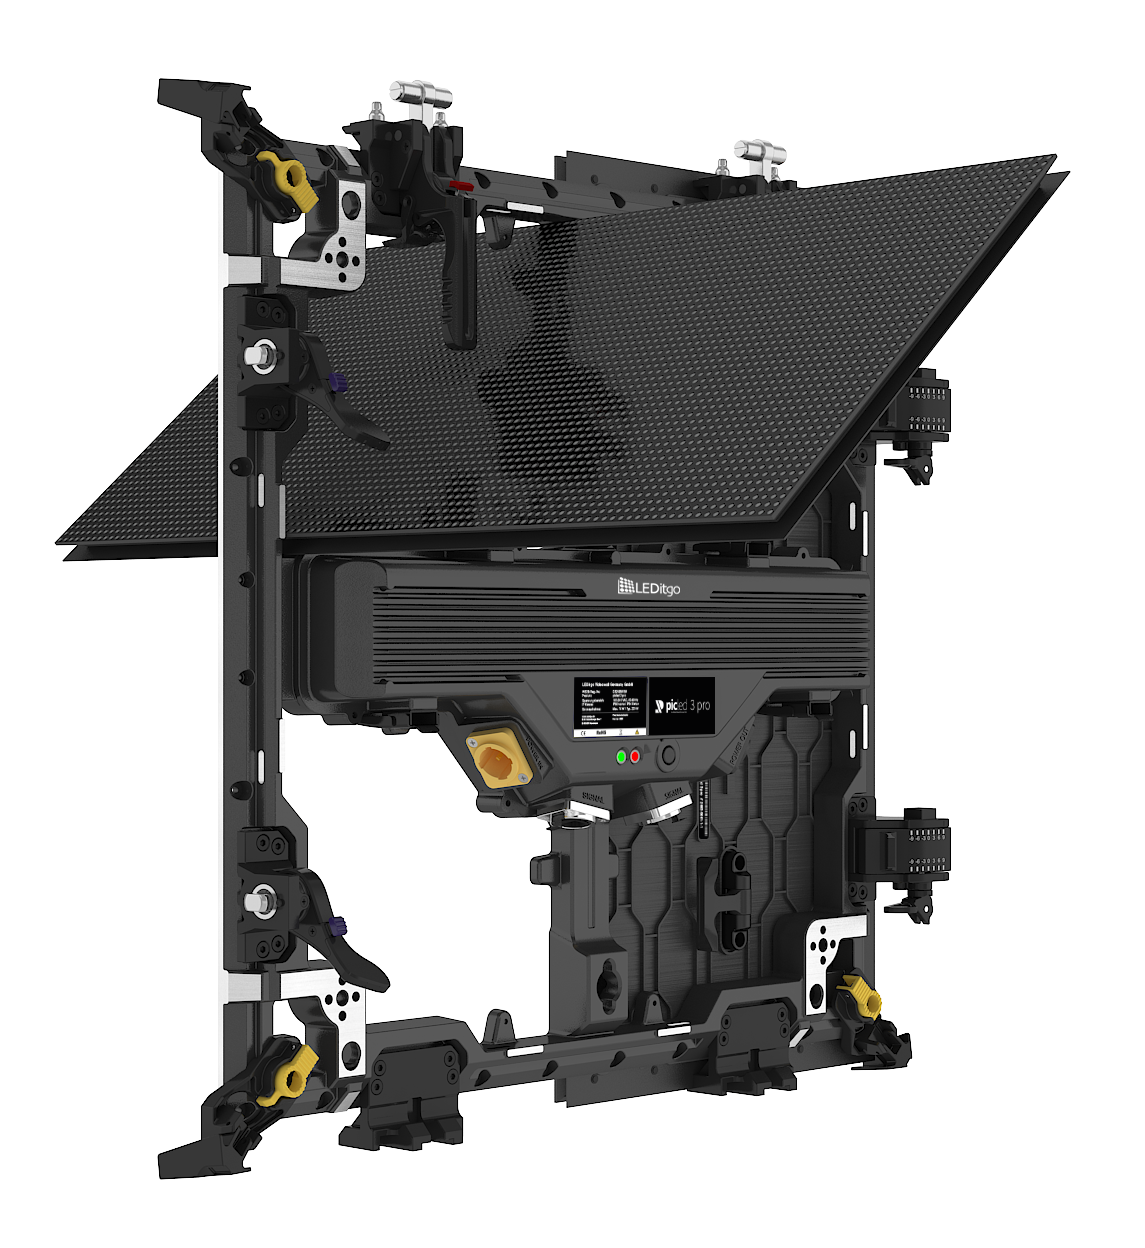 LEDitgo picled 3 pro IM-Service Visualisierung